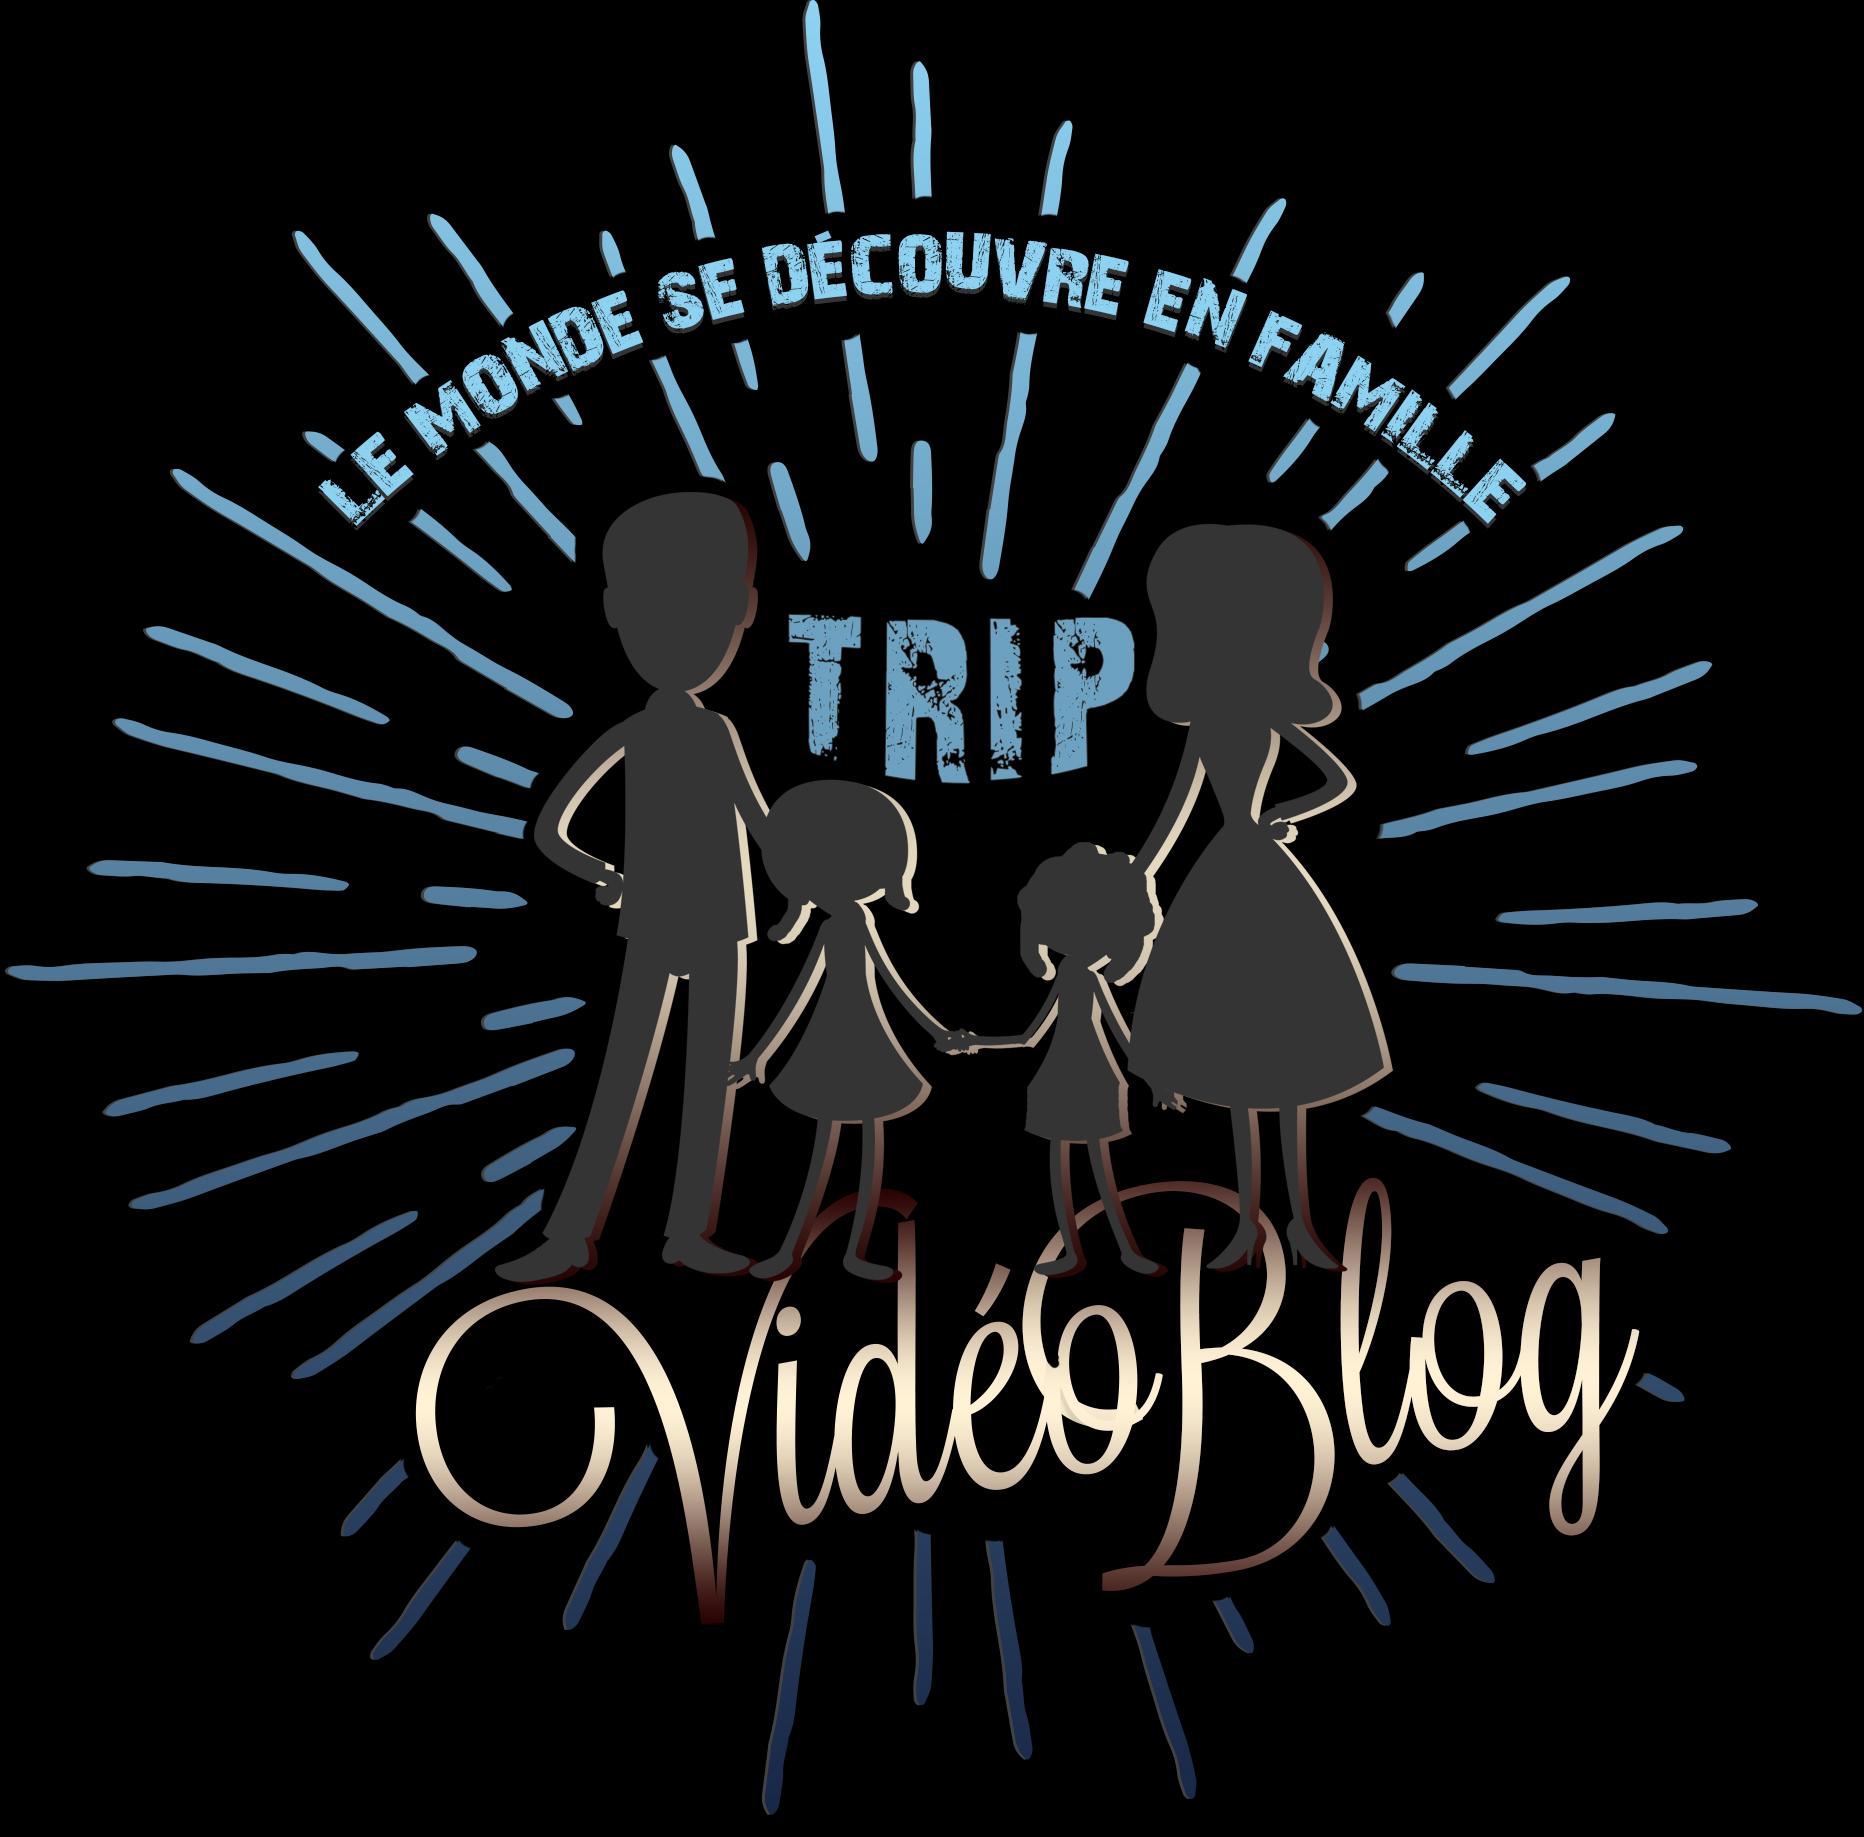 Le vidéo blog du voyage en famille | Journal photo & vidéo | VideoBlogTrip